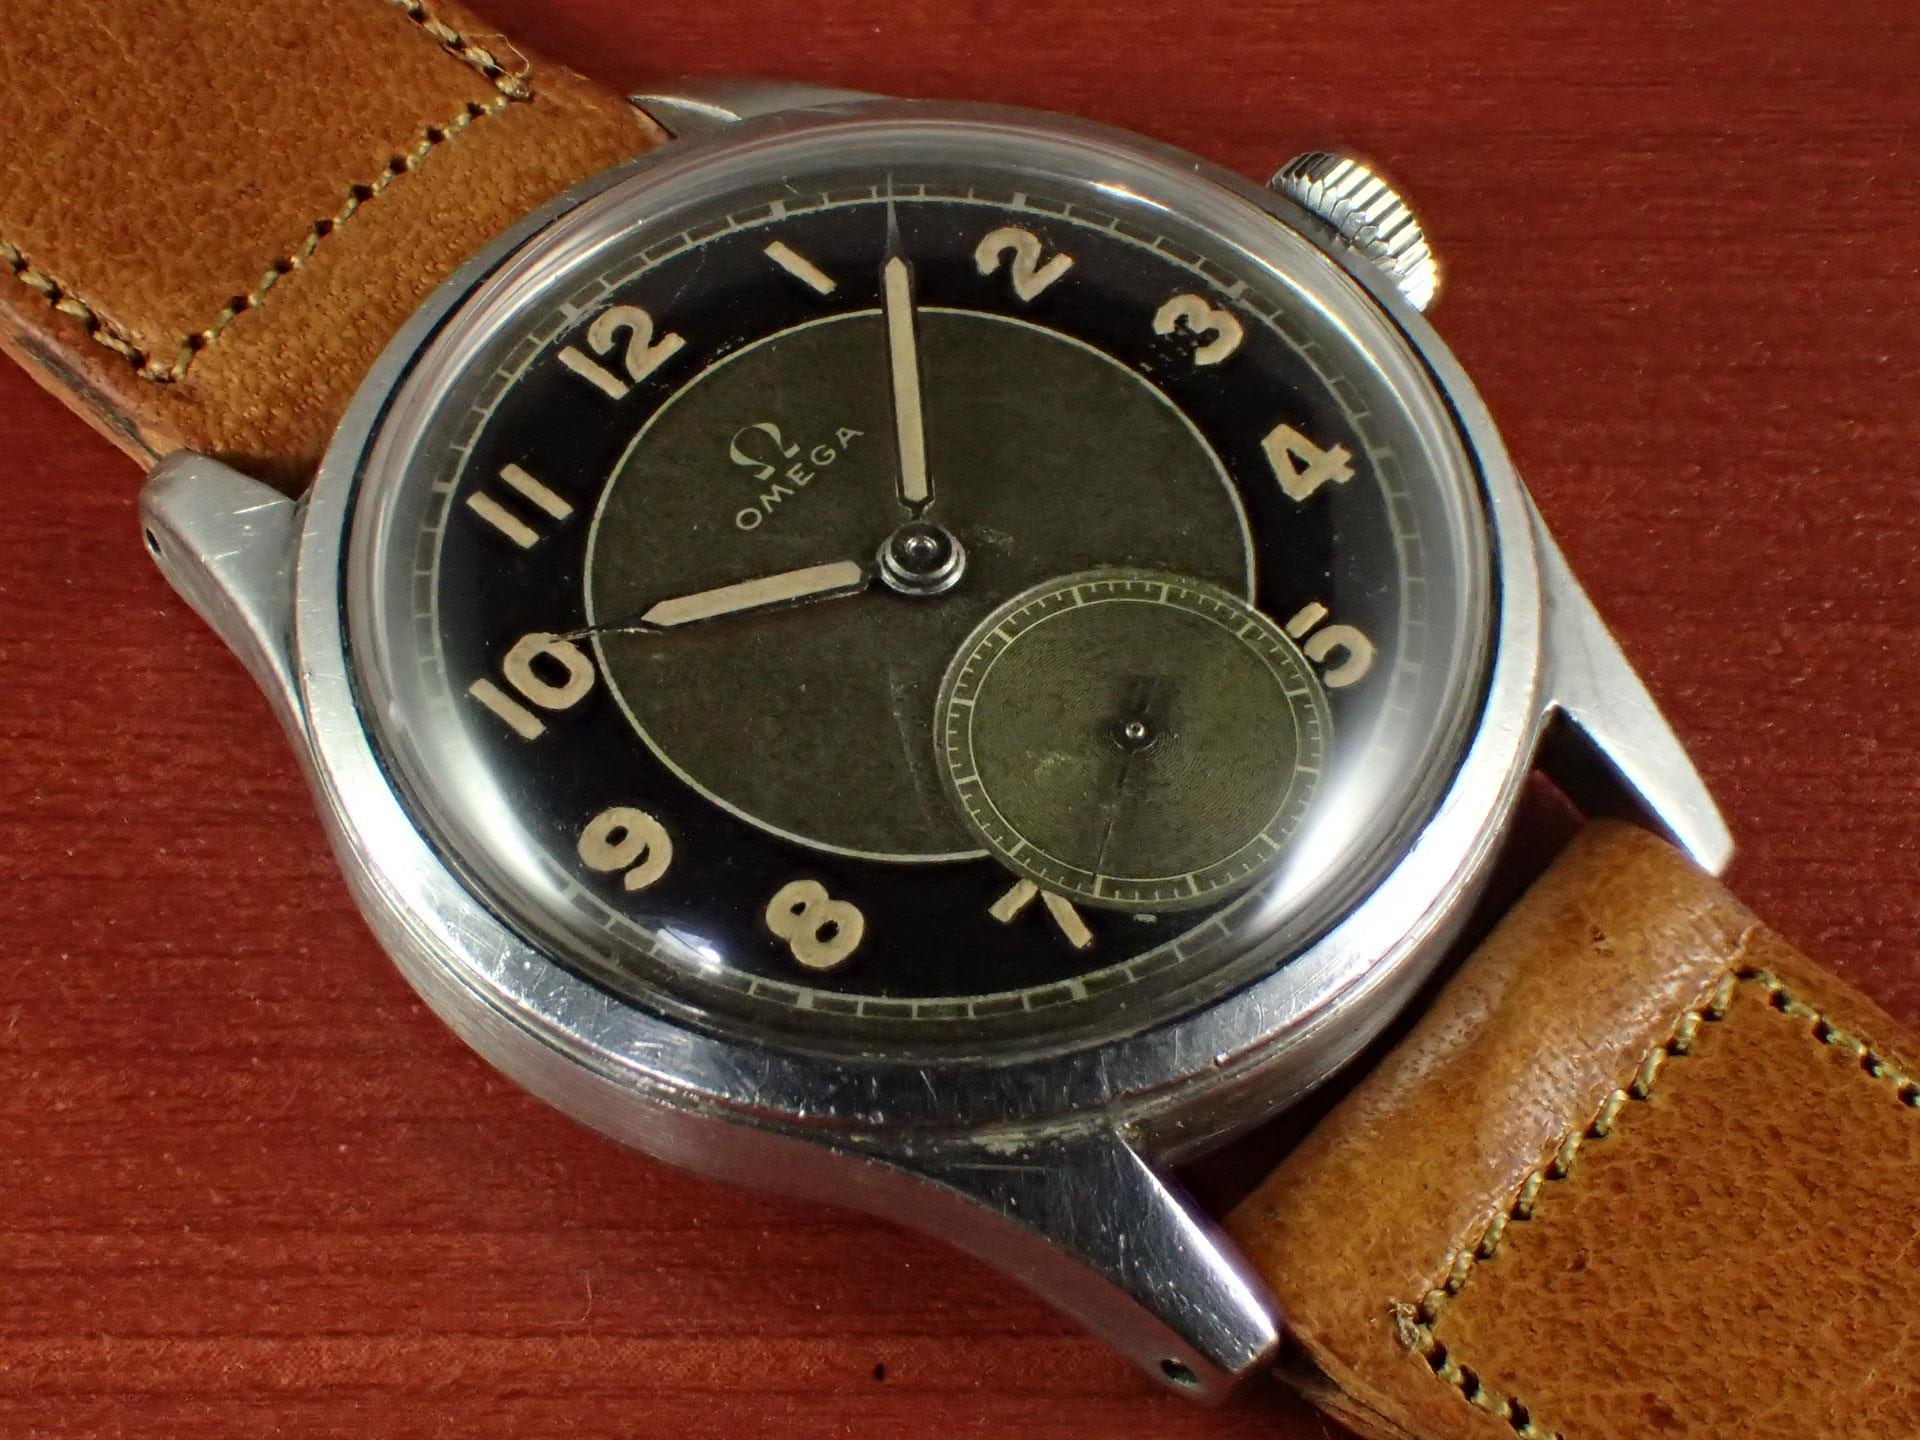 オメガ 30mmキャリバー ブルズアイ Ref.2383-6 1940年代のメイン写真